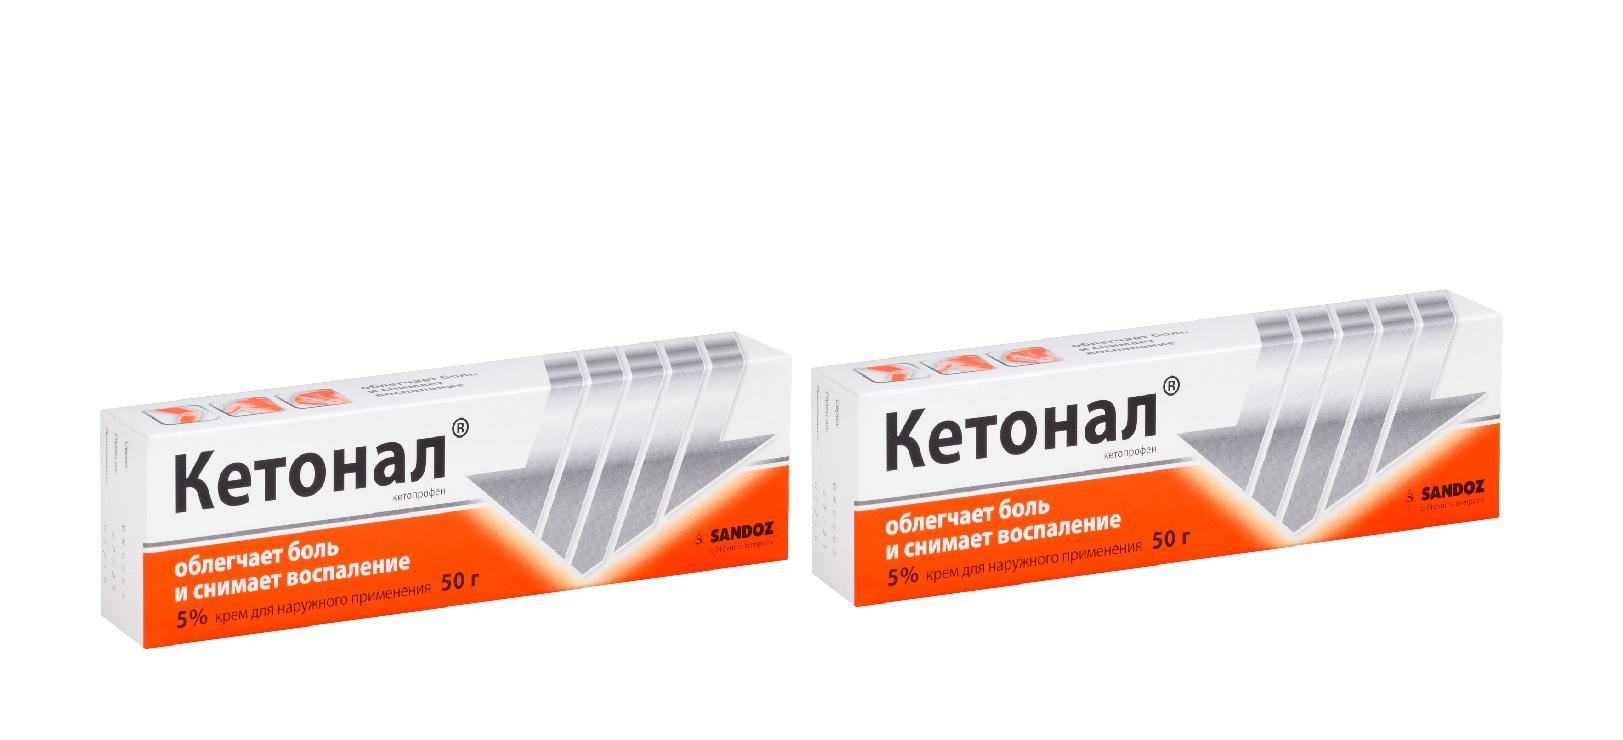 Кетонал крем д/нар. прим. 5% 50г (туба) промо упаковка 1+1